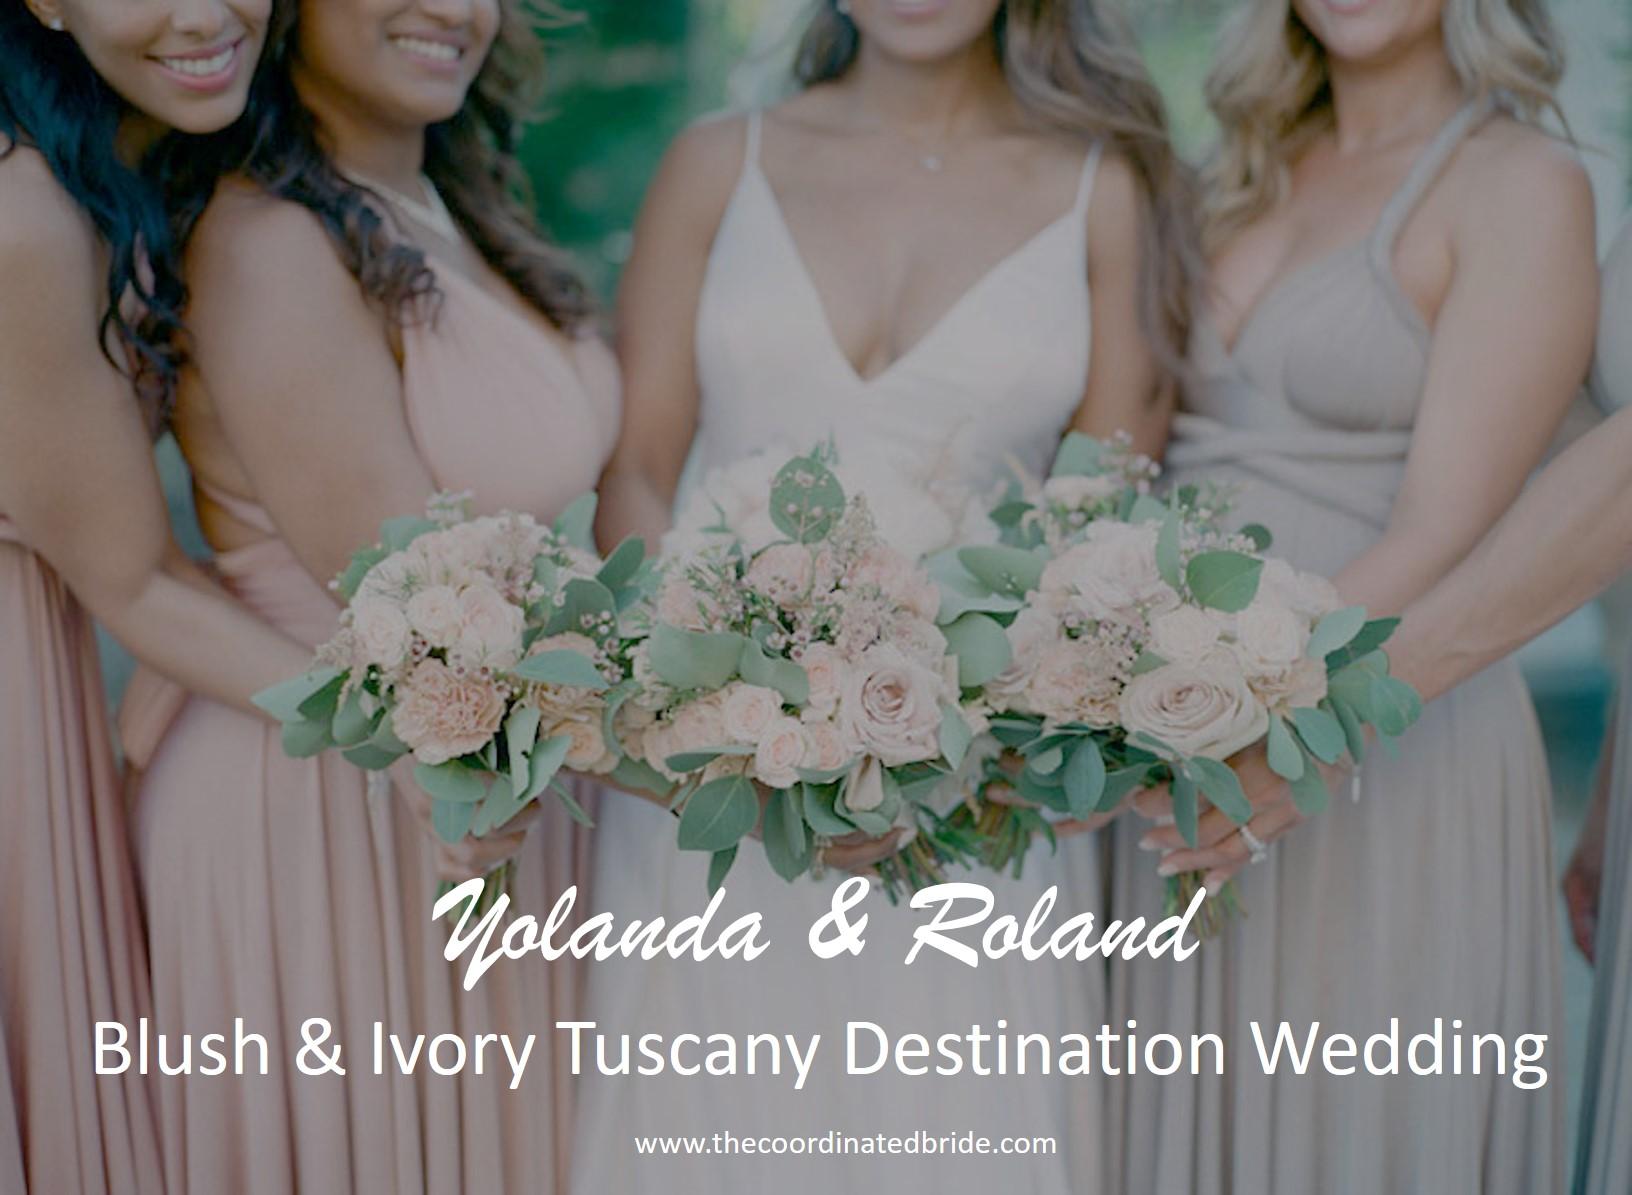 A Dream Tuscany Destination Wedding, Yolanda & Roland